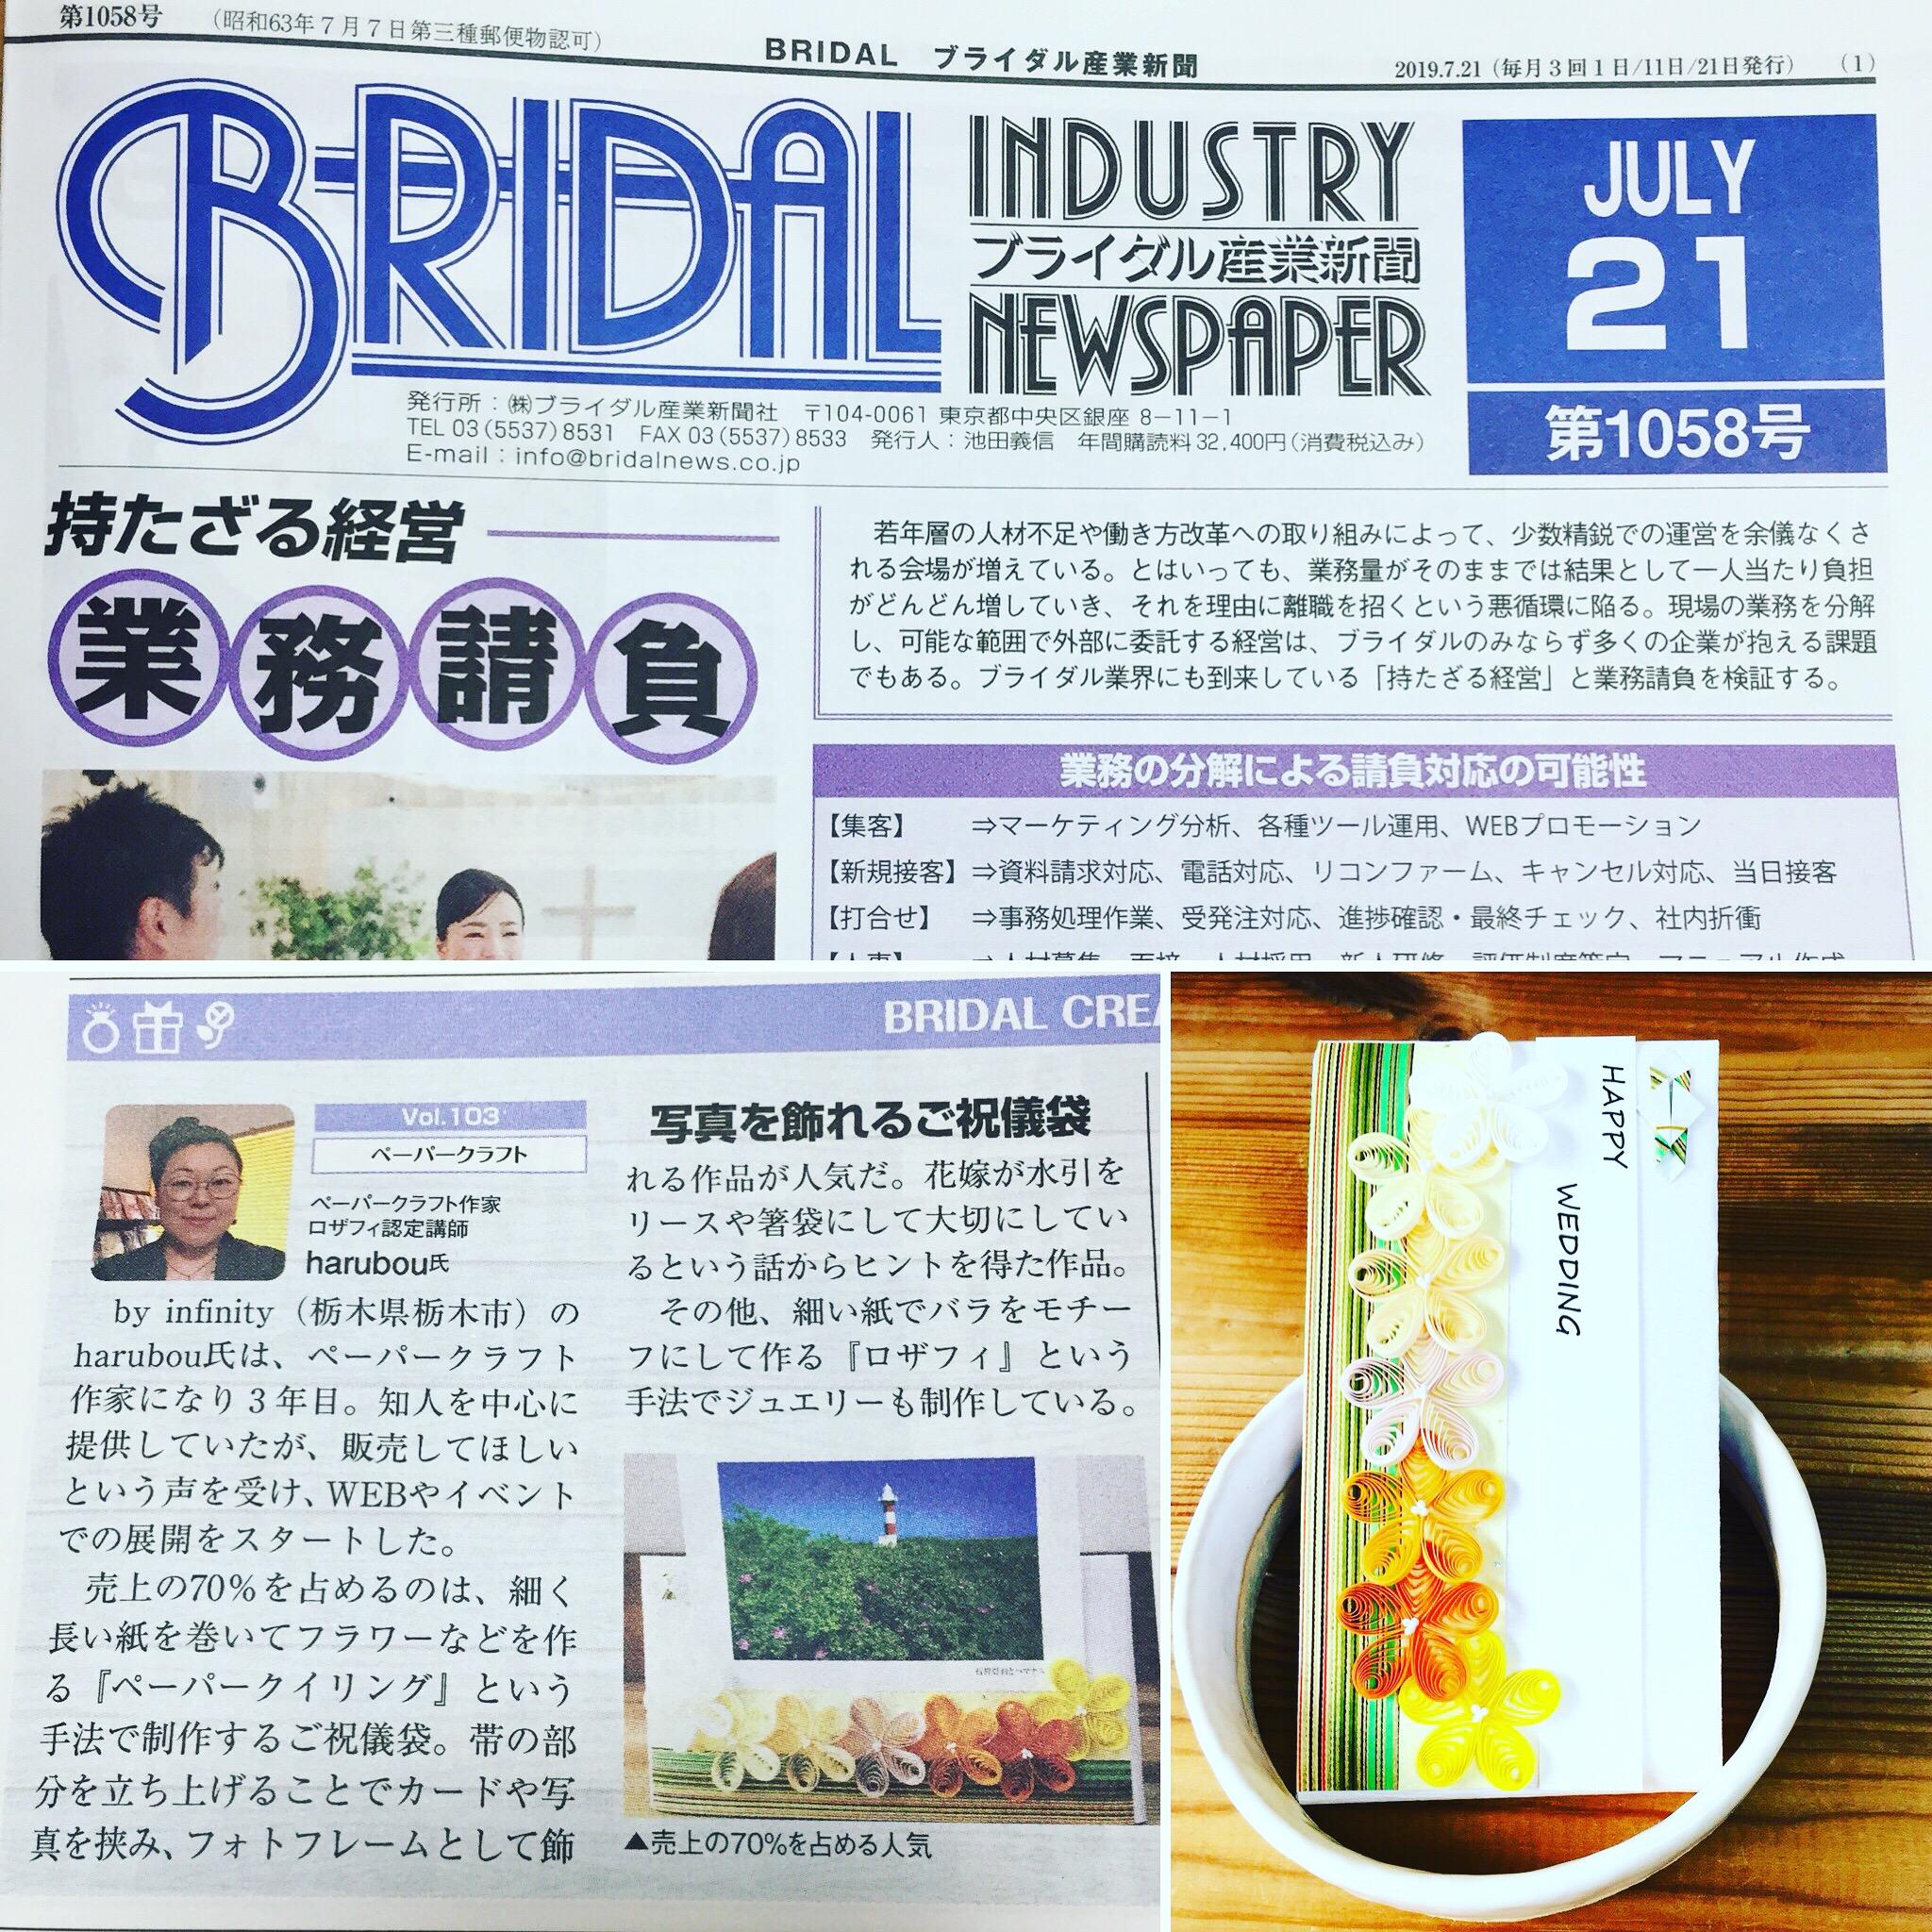 ブライダル産業新聞に記事が掲載されました